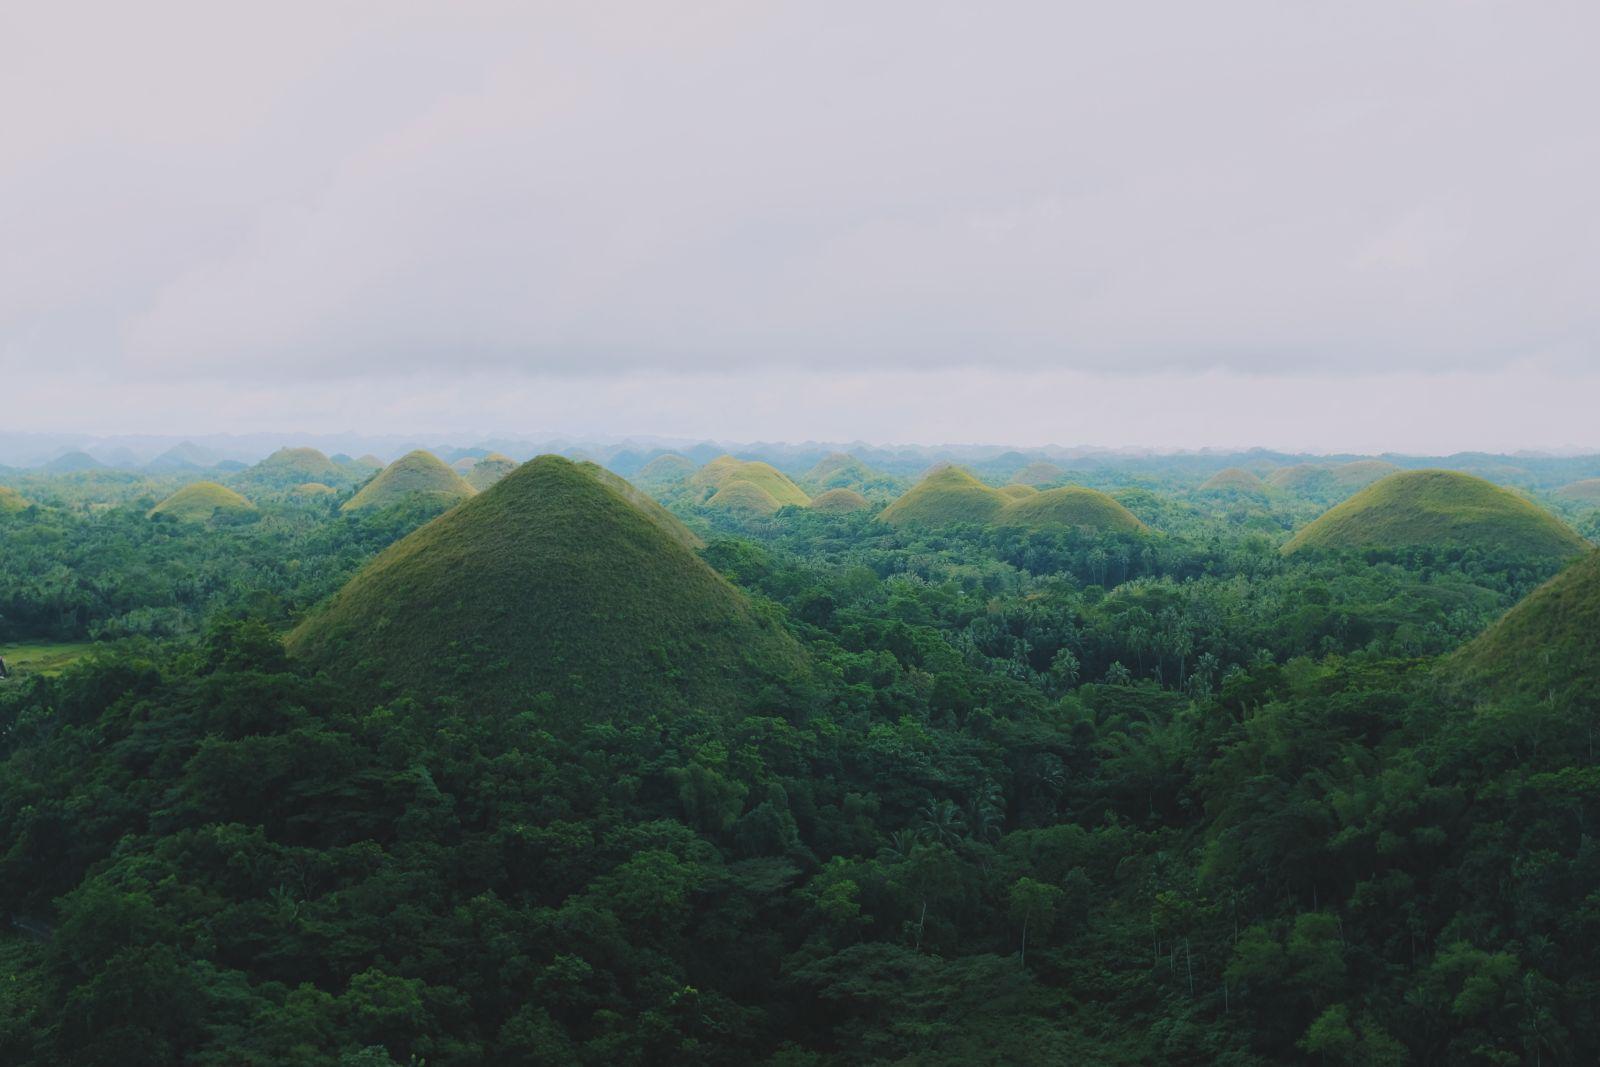 Bergige, grüne Landschaft auf den Philippinen